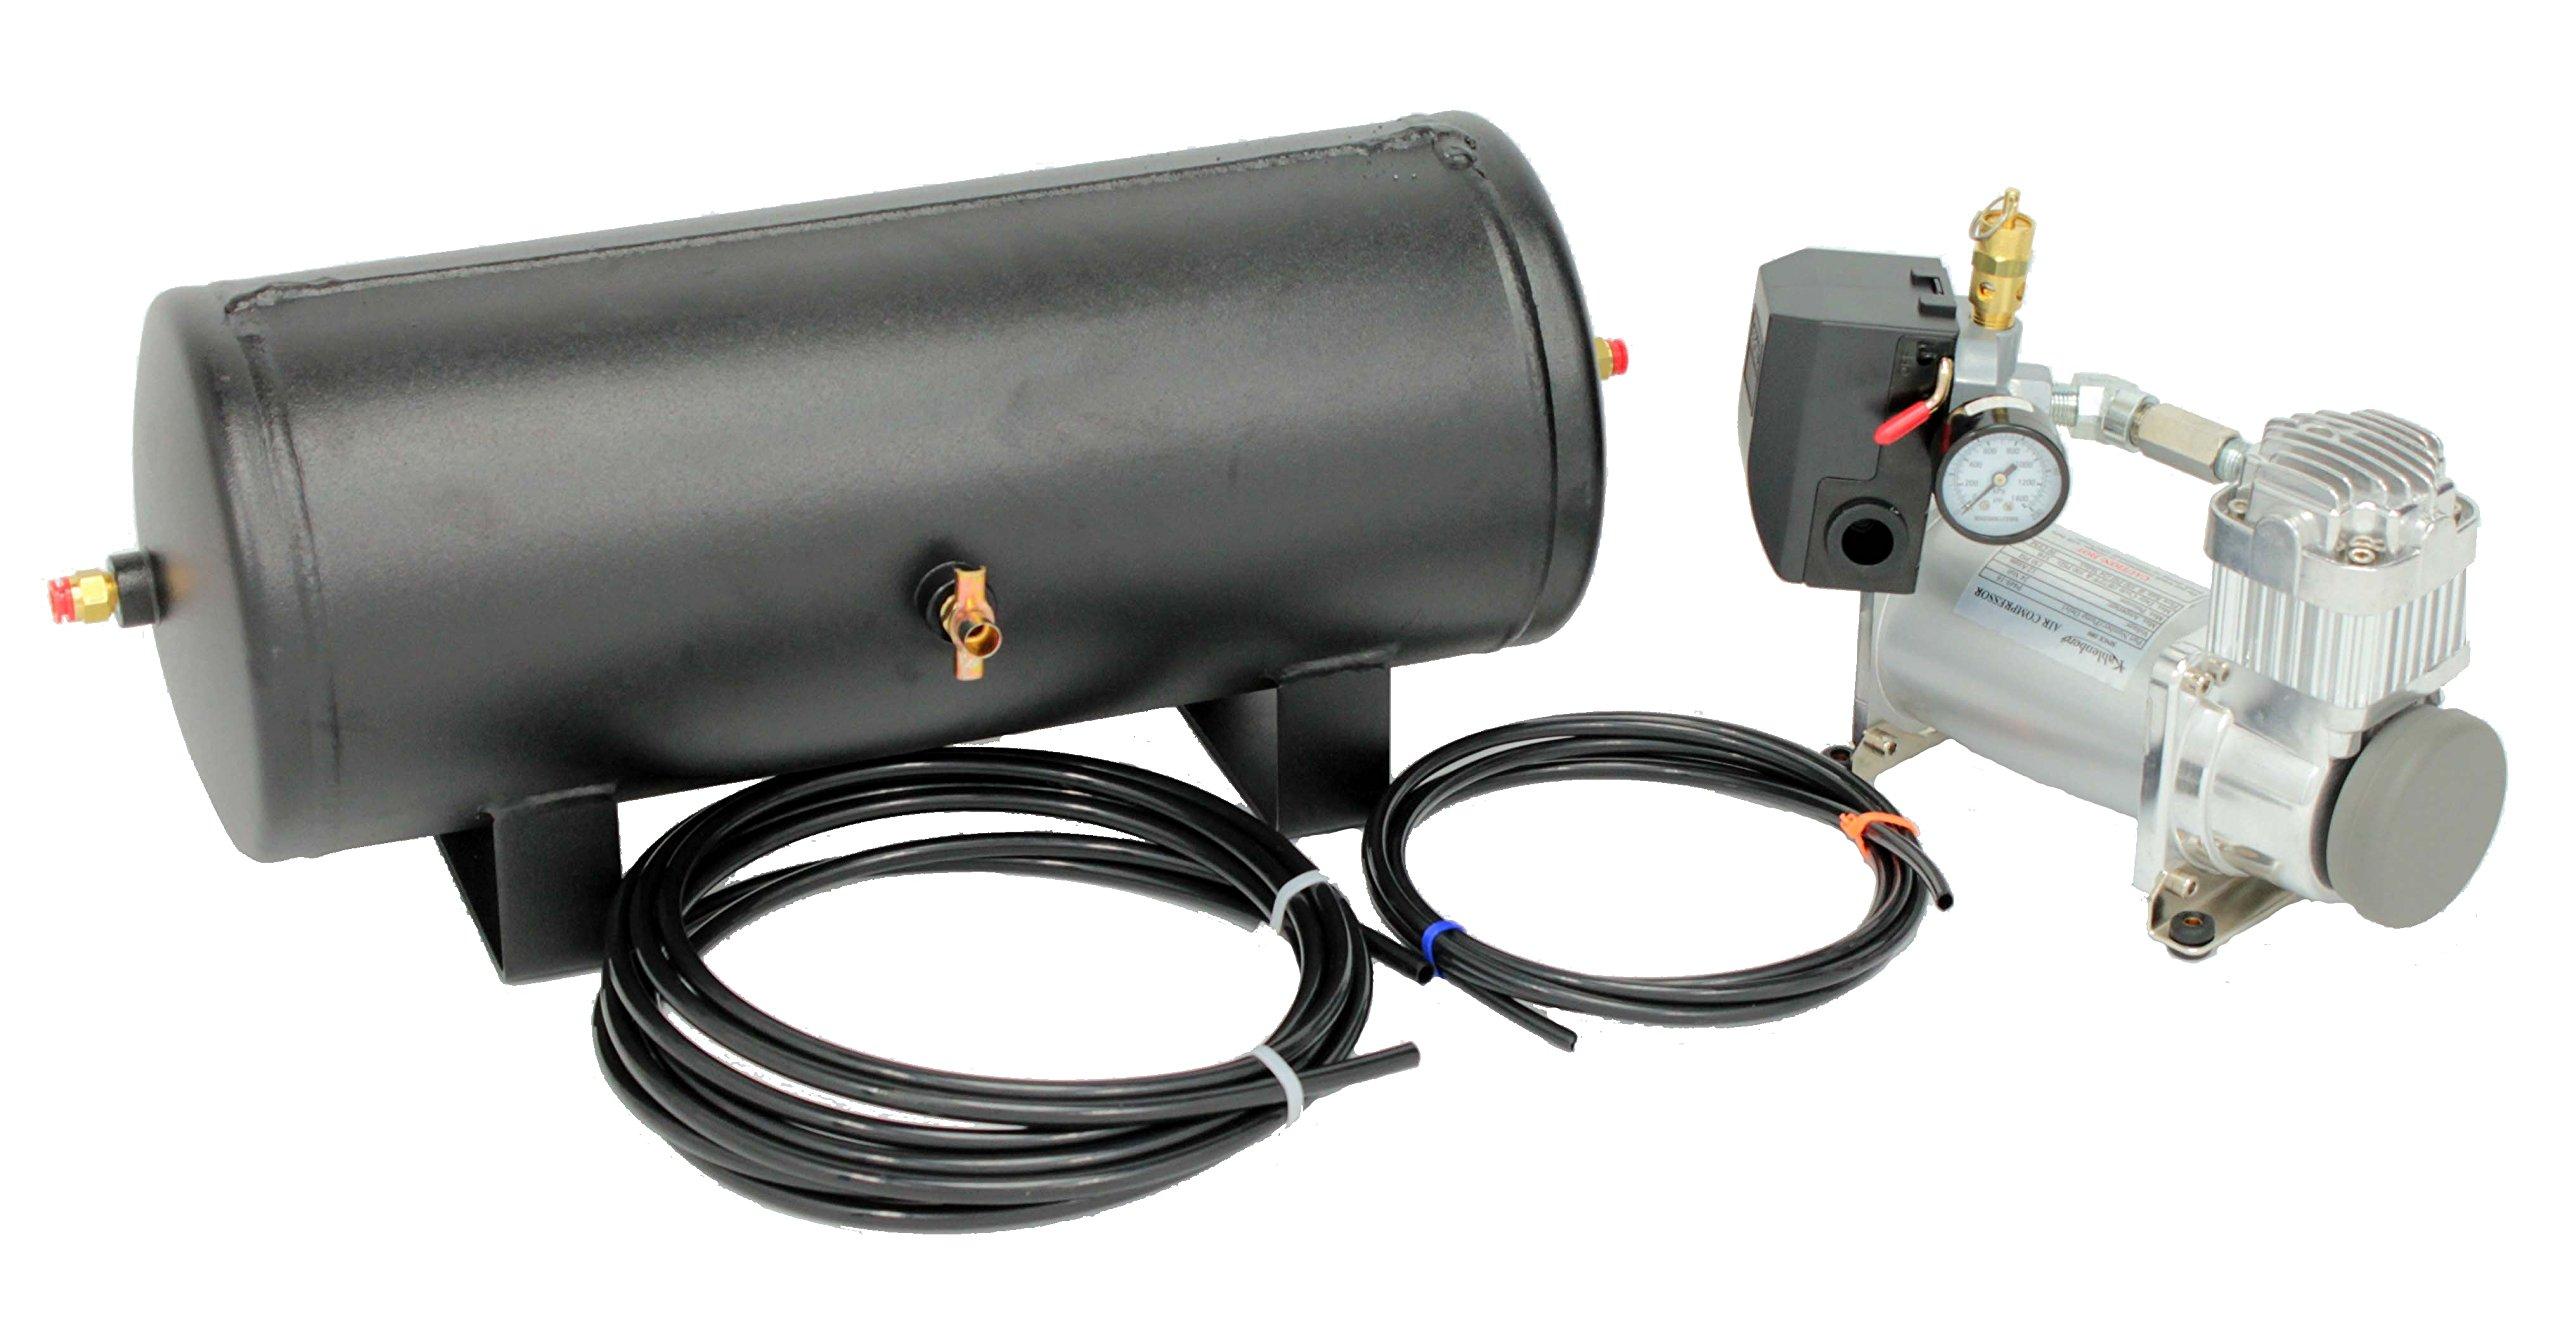 P449-23 Air Compressor Kit, 12 Volt D.C.